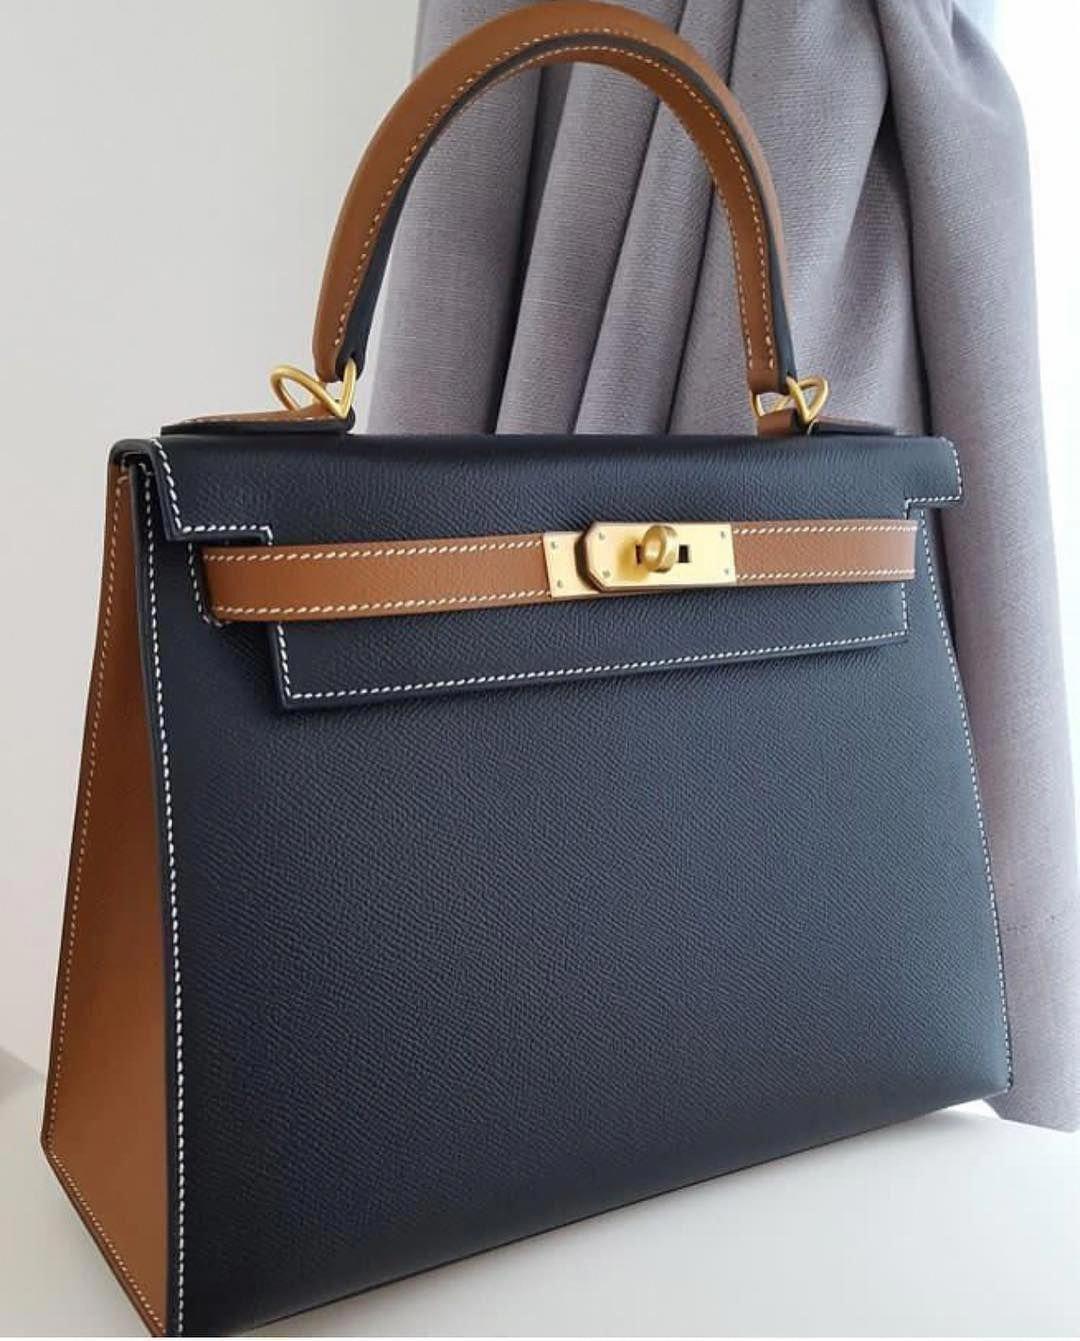 45bd613d4c79 Hermes Kelly 28 Sellier HSS Black   Gold Epsom Ghw A  Hermeshandbags.  Visit. January 2019